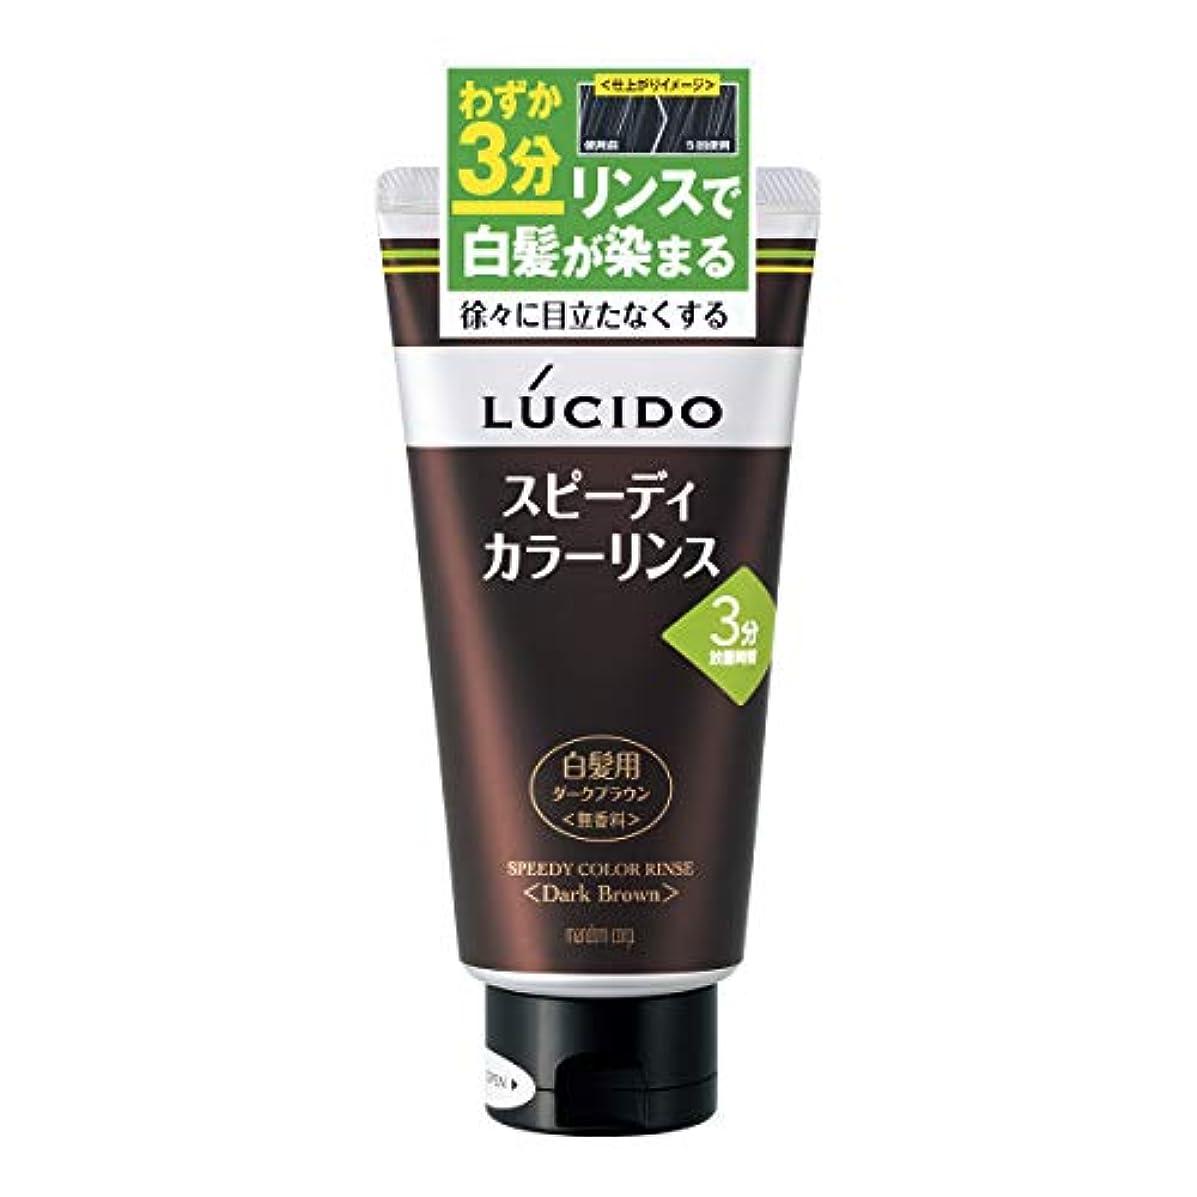 約束するヨーロッパ光沢LUCIDO(ルシード) スピーディカラーリンス ダークブラウン 160g リンスで簡単白髪染め